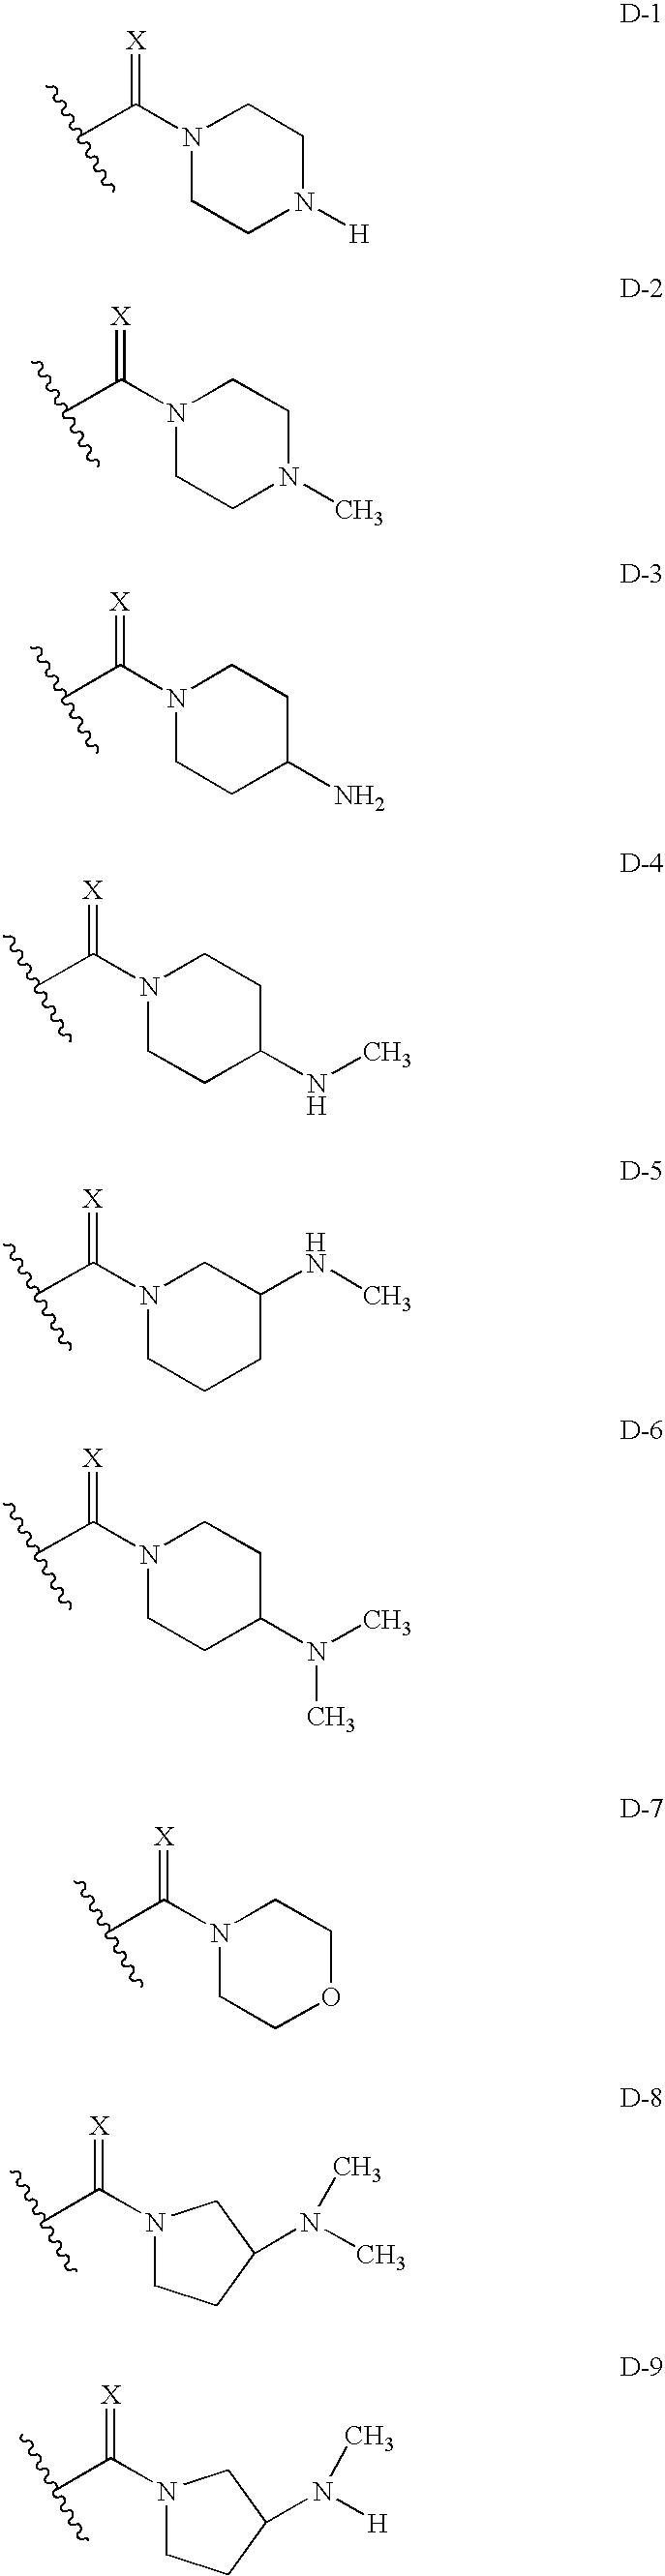 Figure US07572784-20090811-C00073